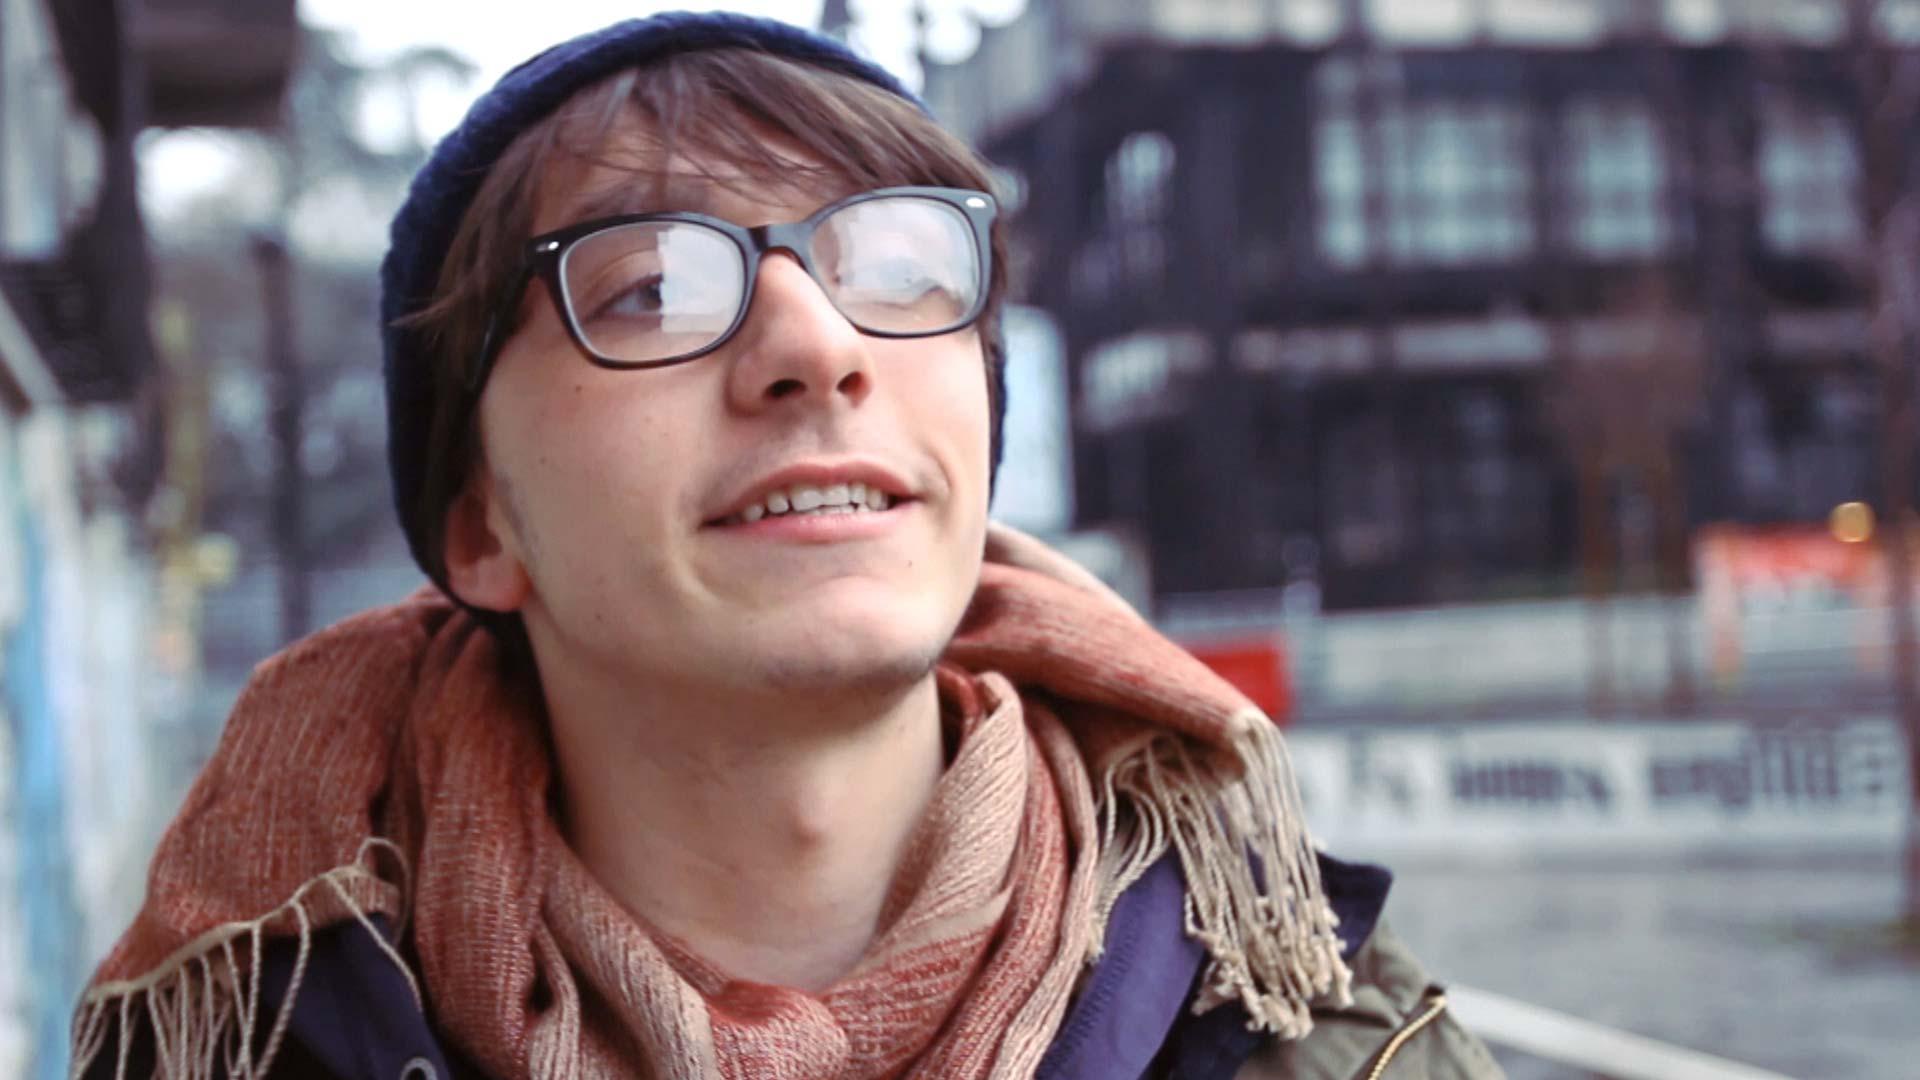 La storia di Stefano - Smettere di balbettare - Video testimonianza